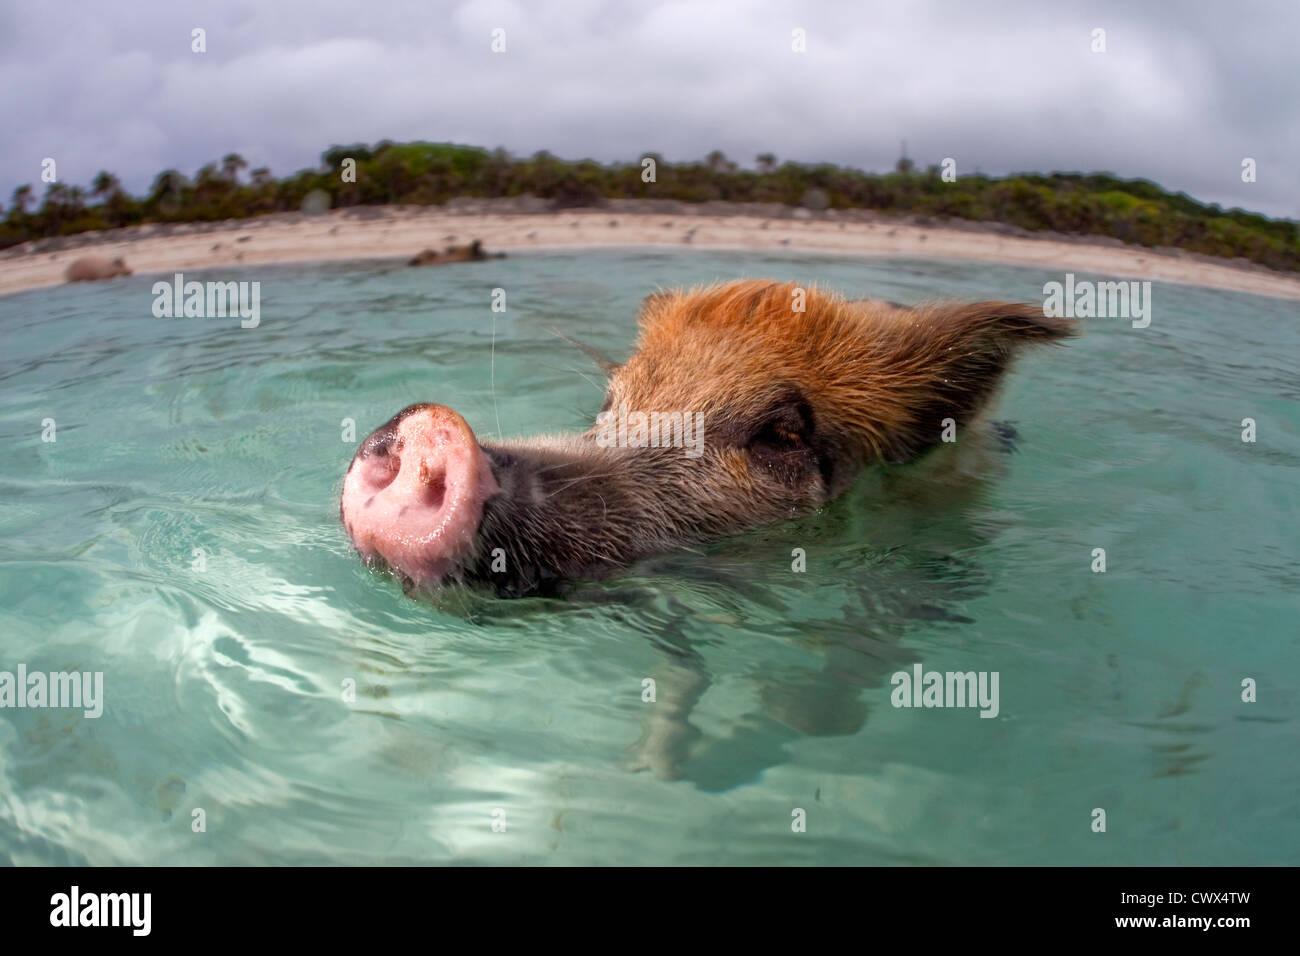 Un maiale selvatico nuota fino ad una barca piena di turisti a Staniel Cay nelle Bahamas. Foto Stock